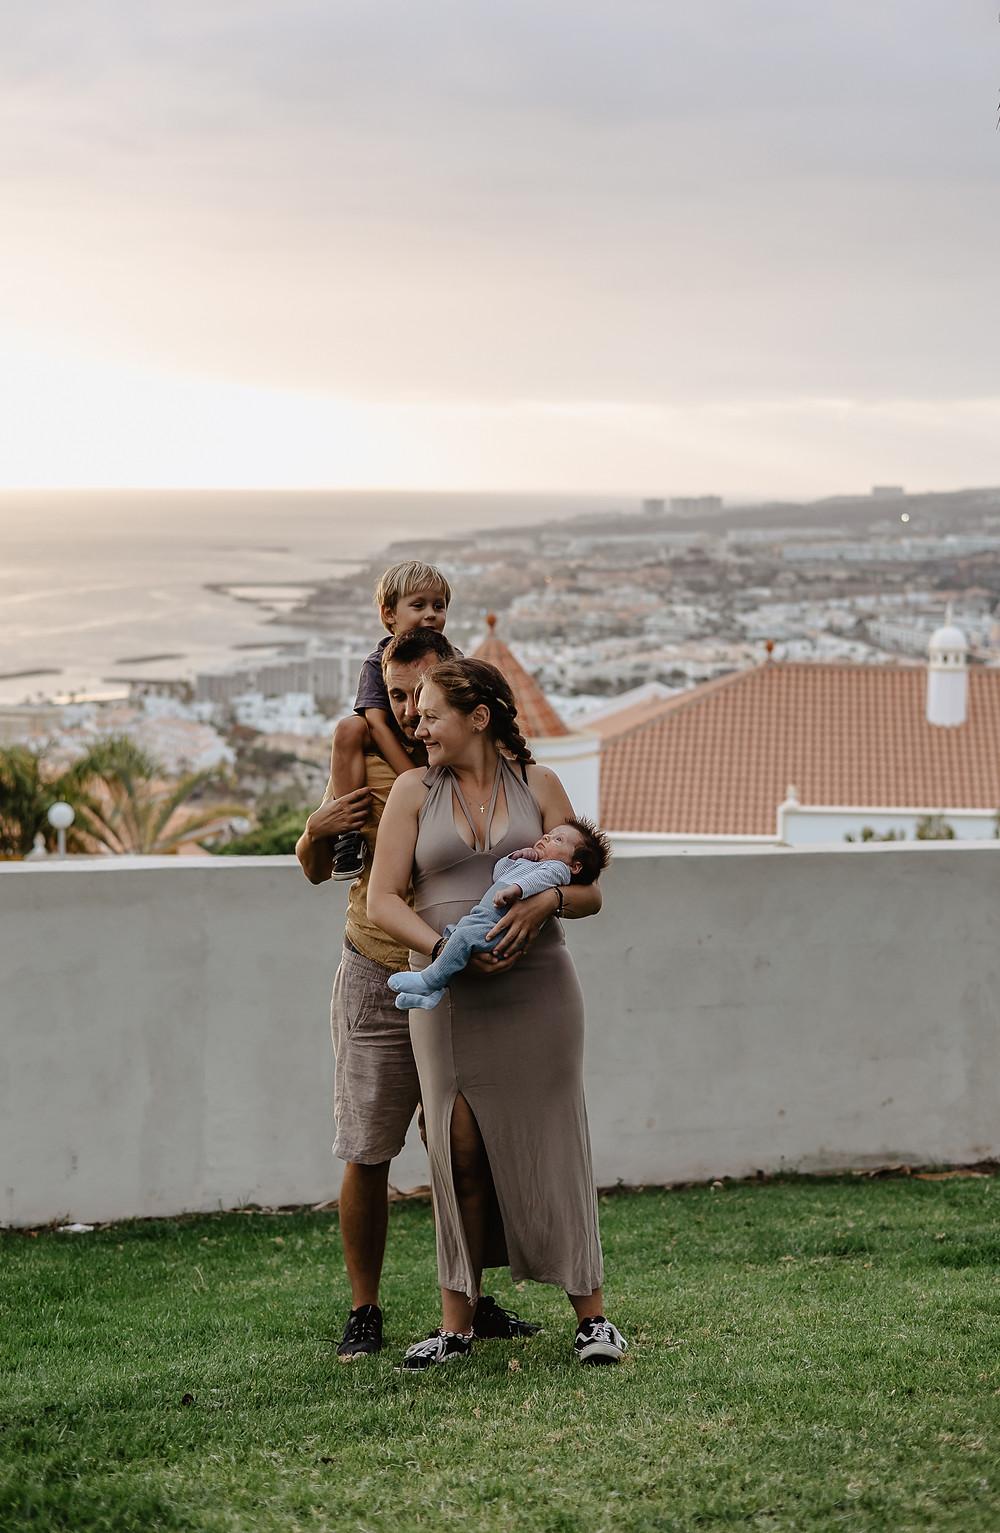 sesja rodzinna z ładnym widokiem na teneryfie